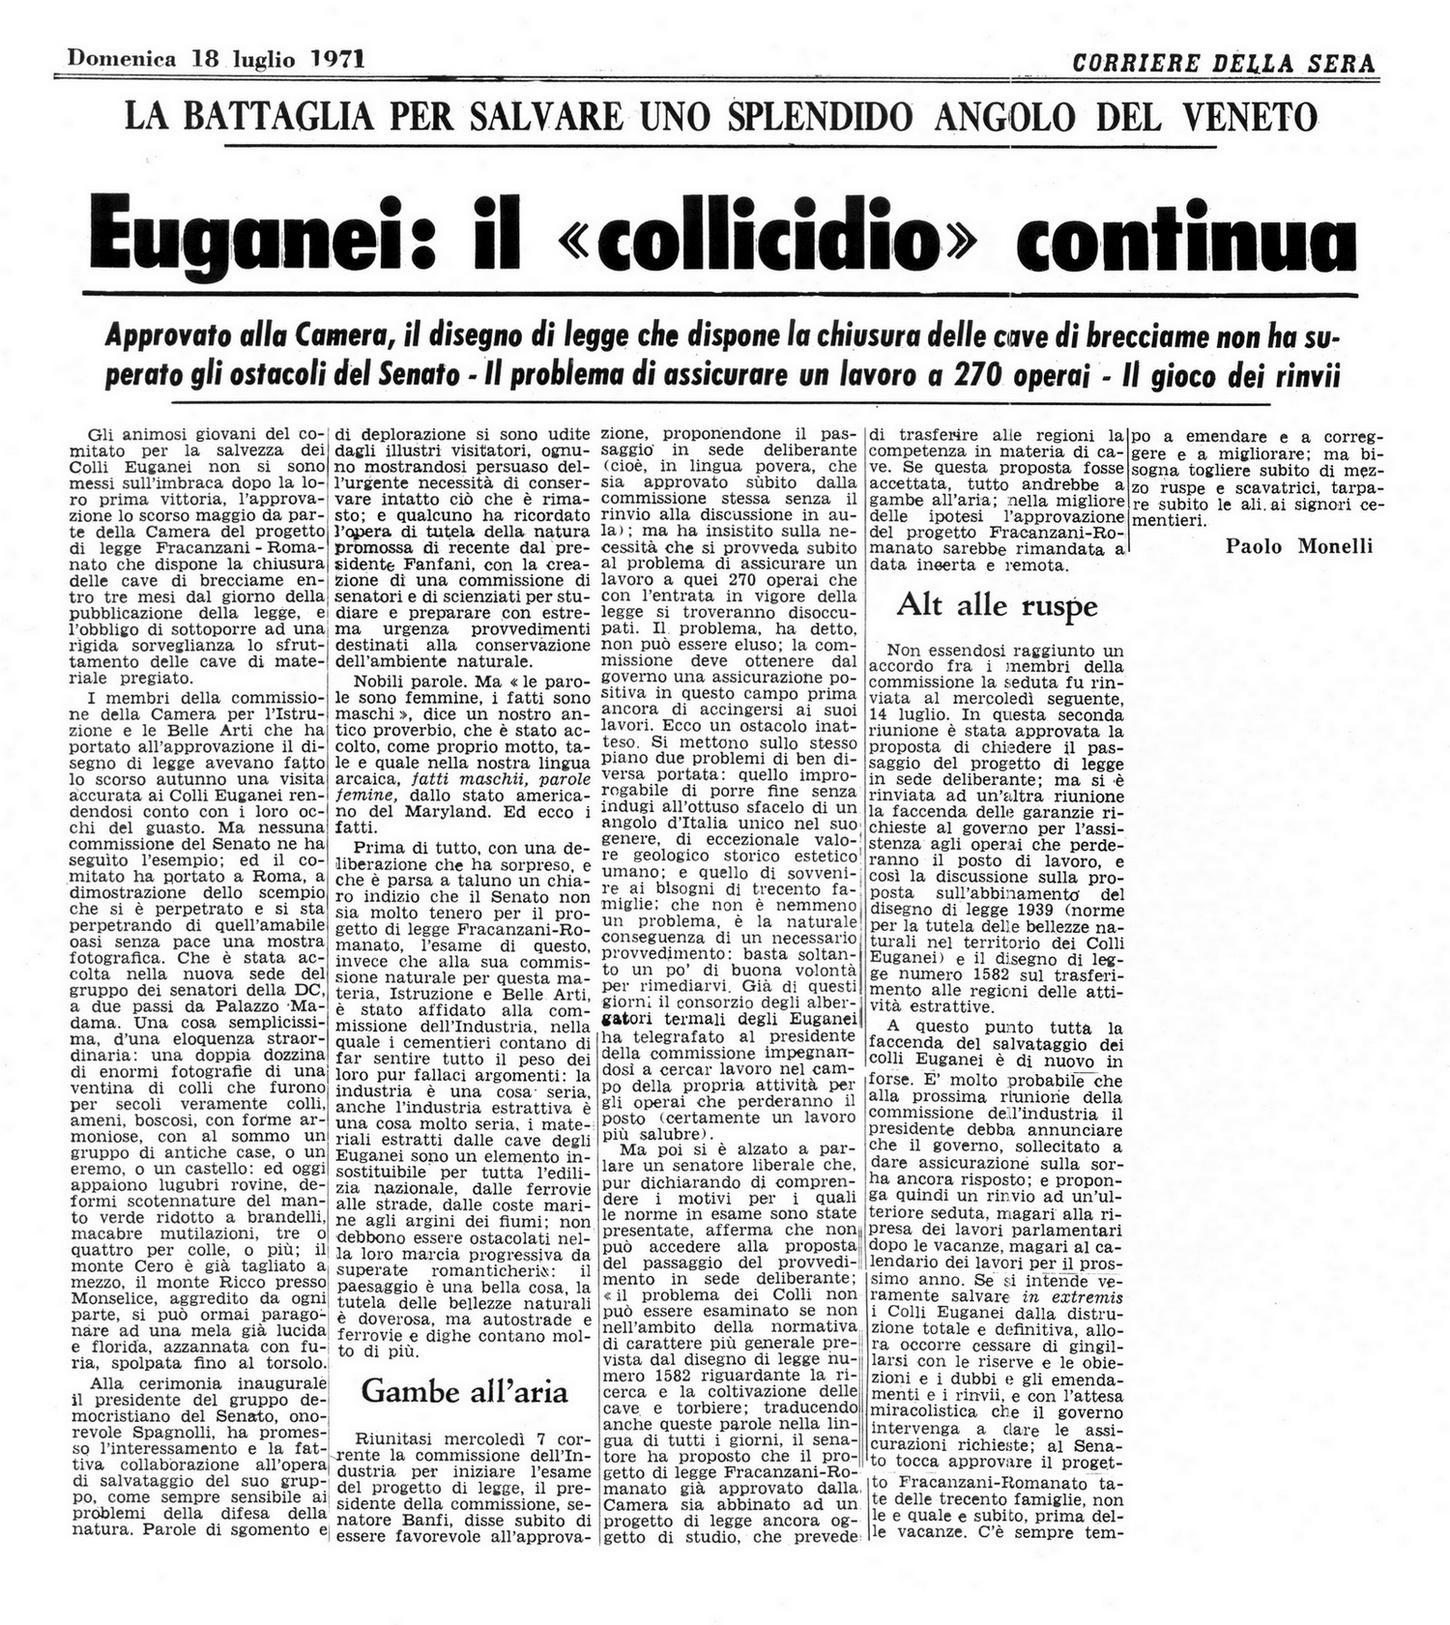 """Euganei: il """"collicidio"""" continua. Articolo del 18 luglio 1971."""